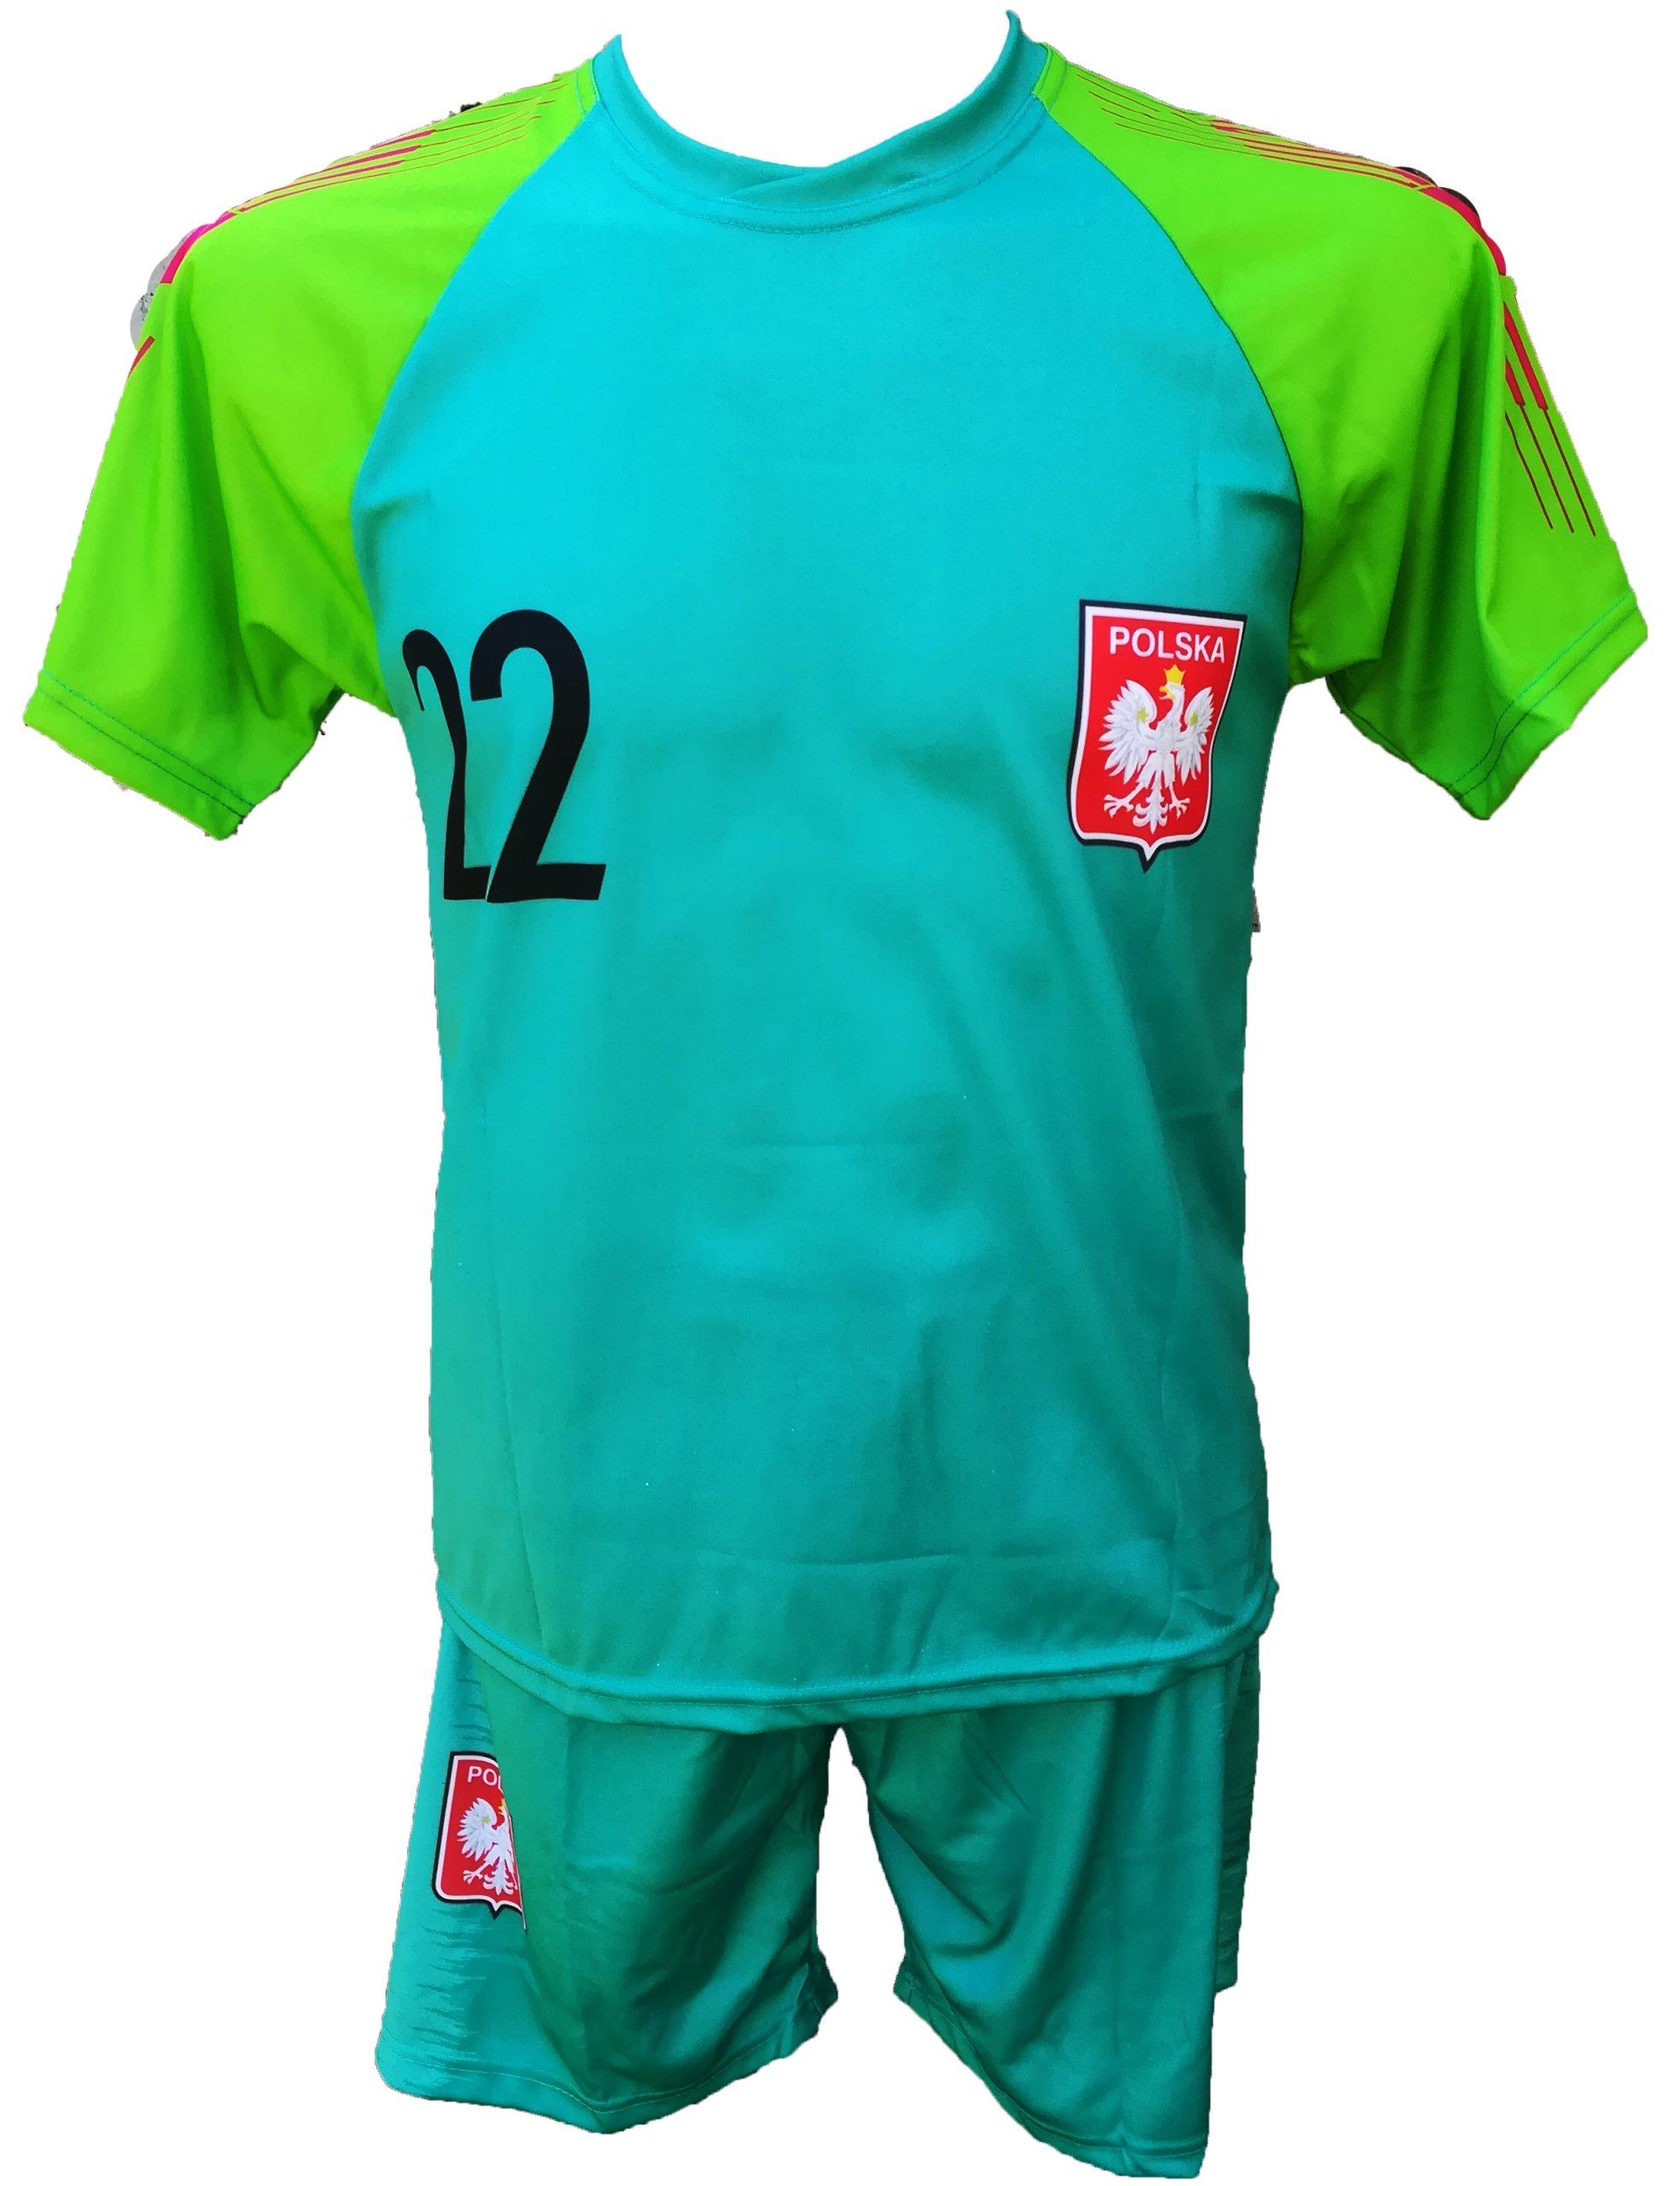 b16895f3c FABIAŃSKI komplet strój piłkarski getry 122 i inne - 7356309802 ...